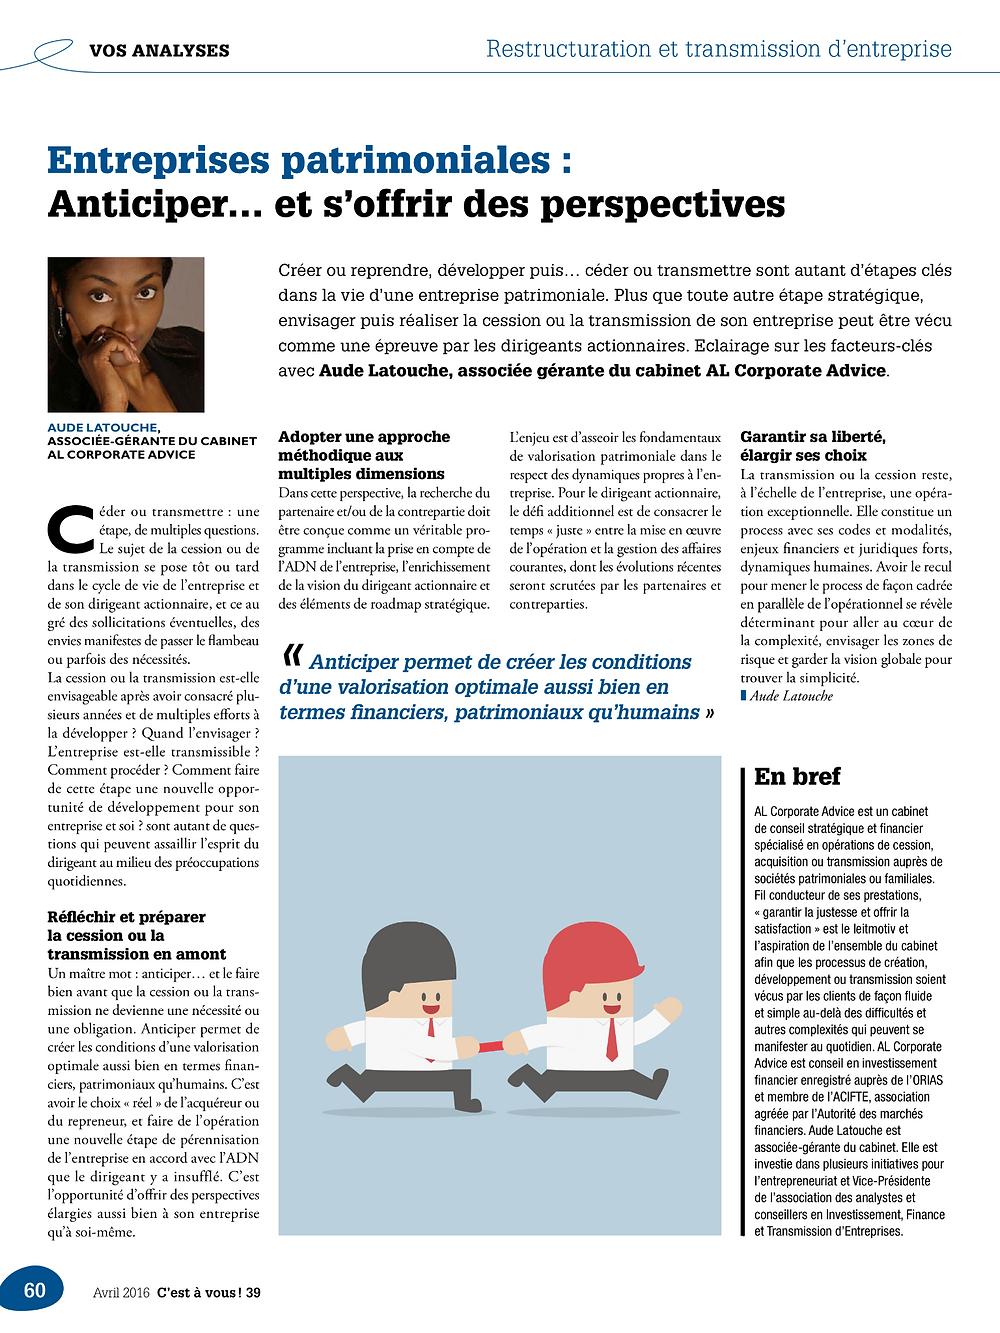 C'est A Vous - Magazine MEDEF Paris - Avril 2016